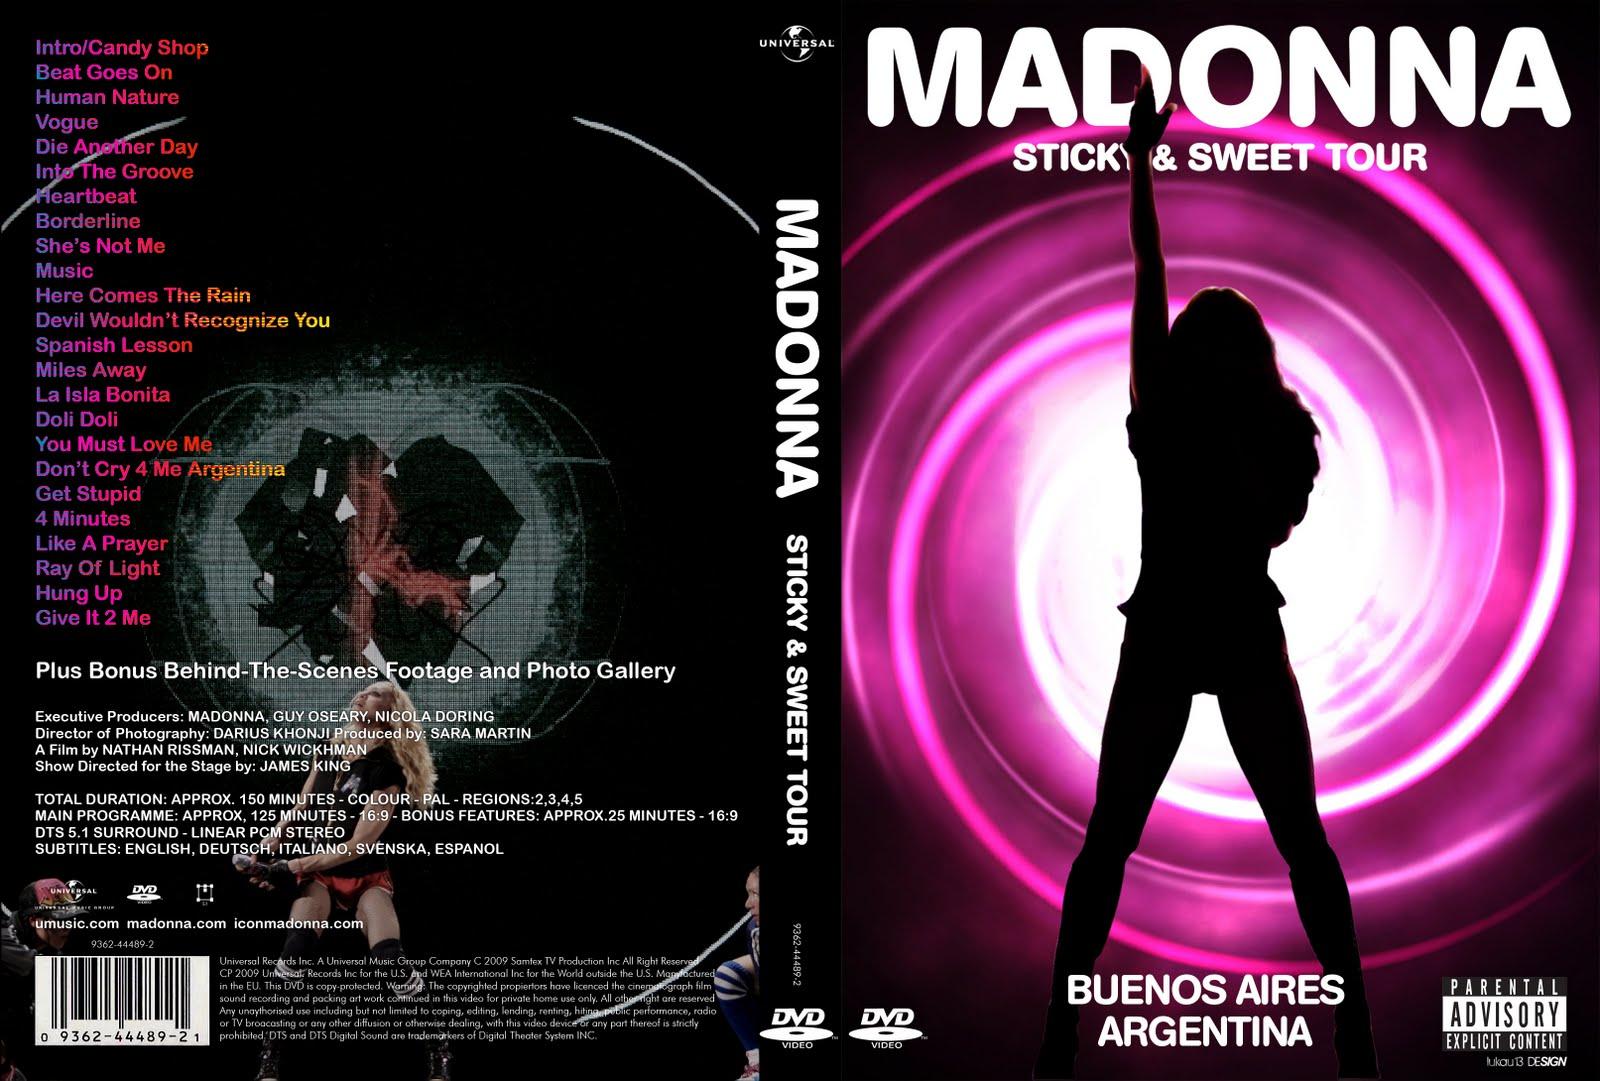 http://1.bp.blogspot.com/_khHh6MVYPgc/TFLgDaKnOfI/AAAAAAAAFVQ/4vfqTAbJgIo/s1600/Madonna+-+Sticky+%26+Sweet+Tour.jpg